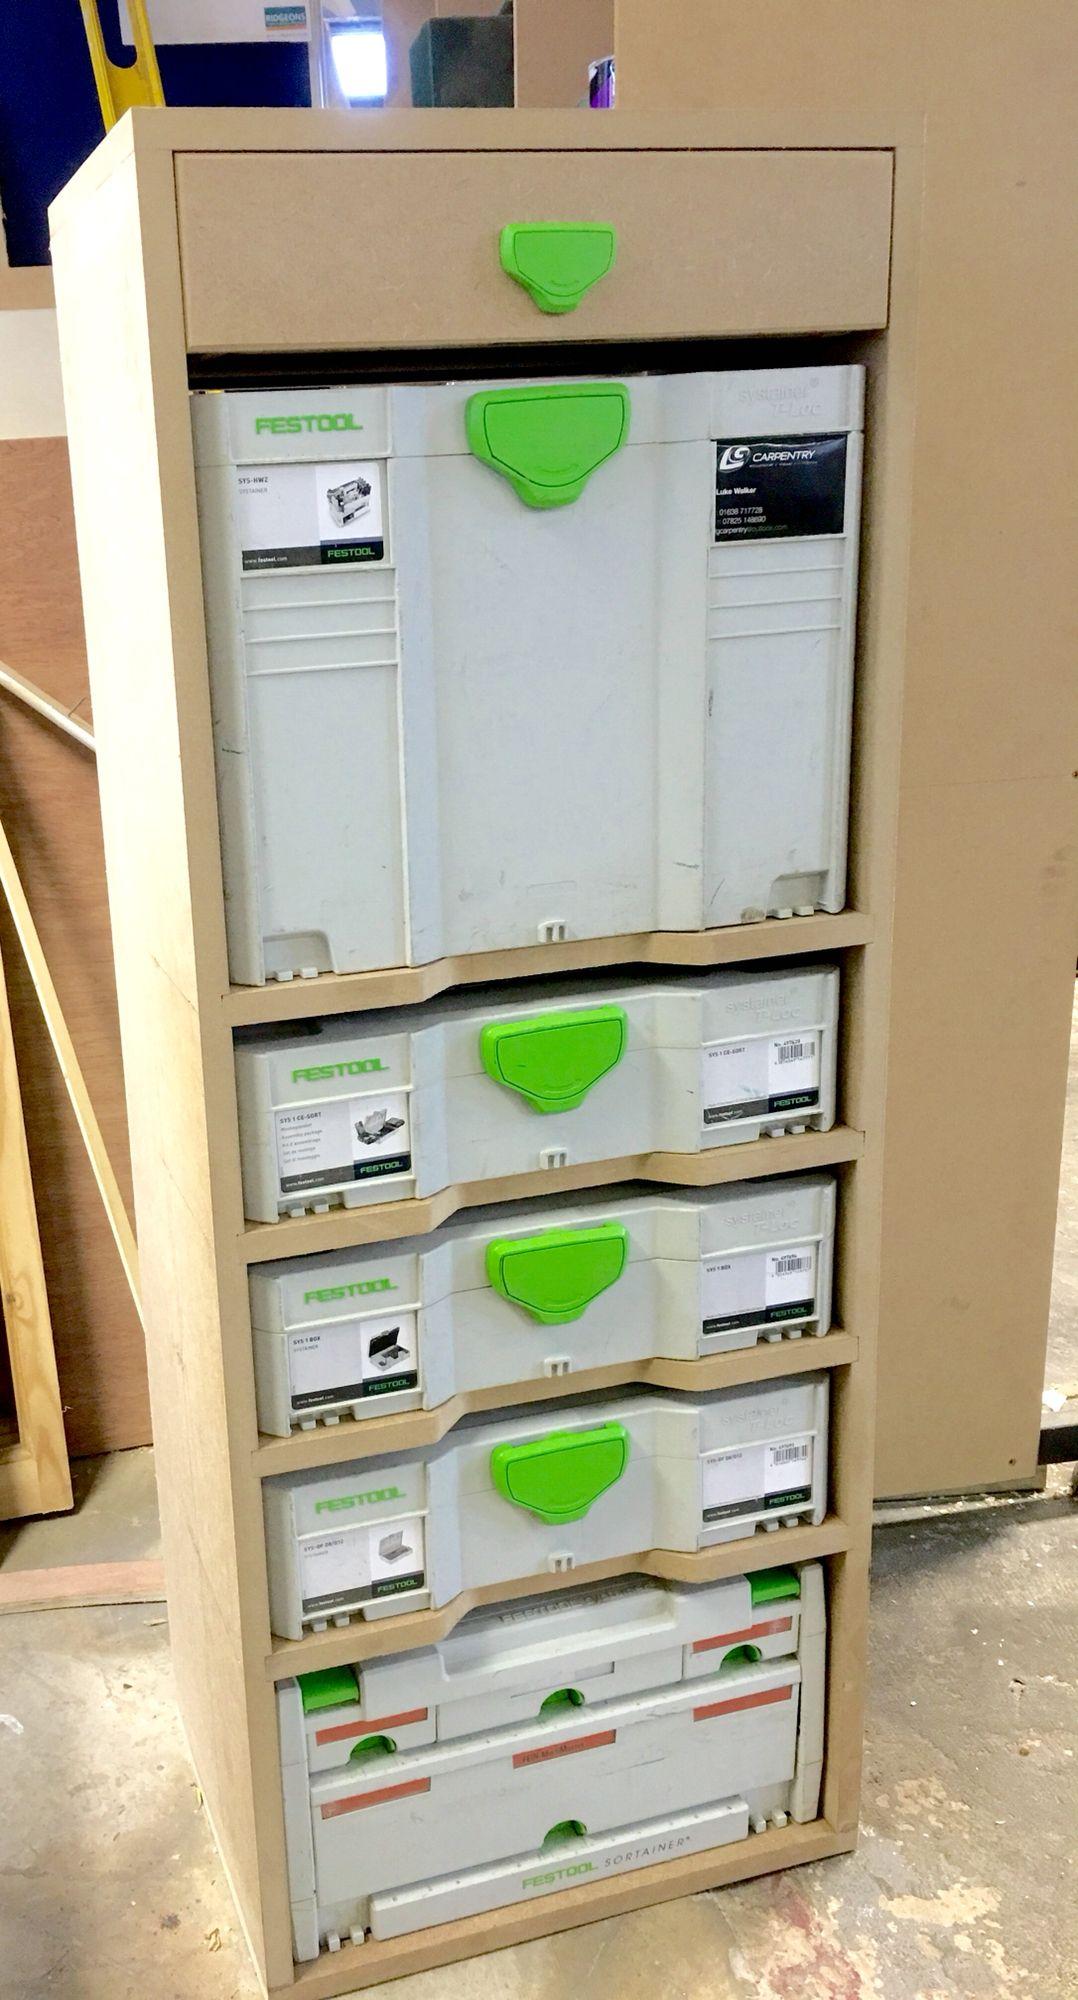 Festool Storage Lgcarpentry At Outlookcom Dingen Om Te Maken